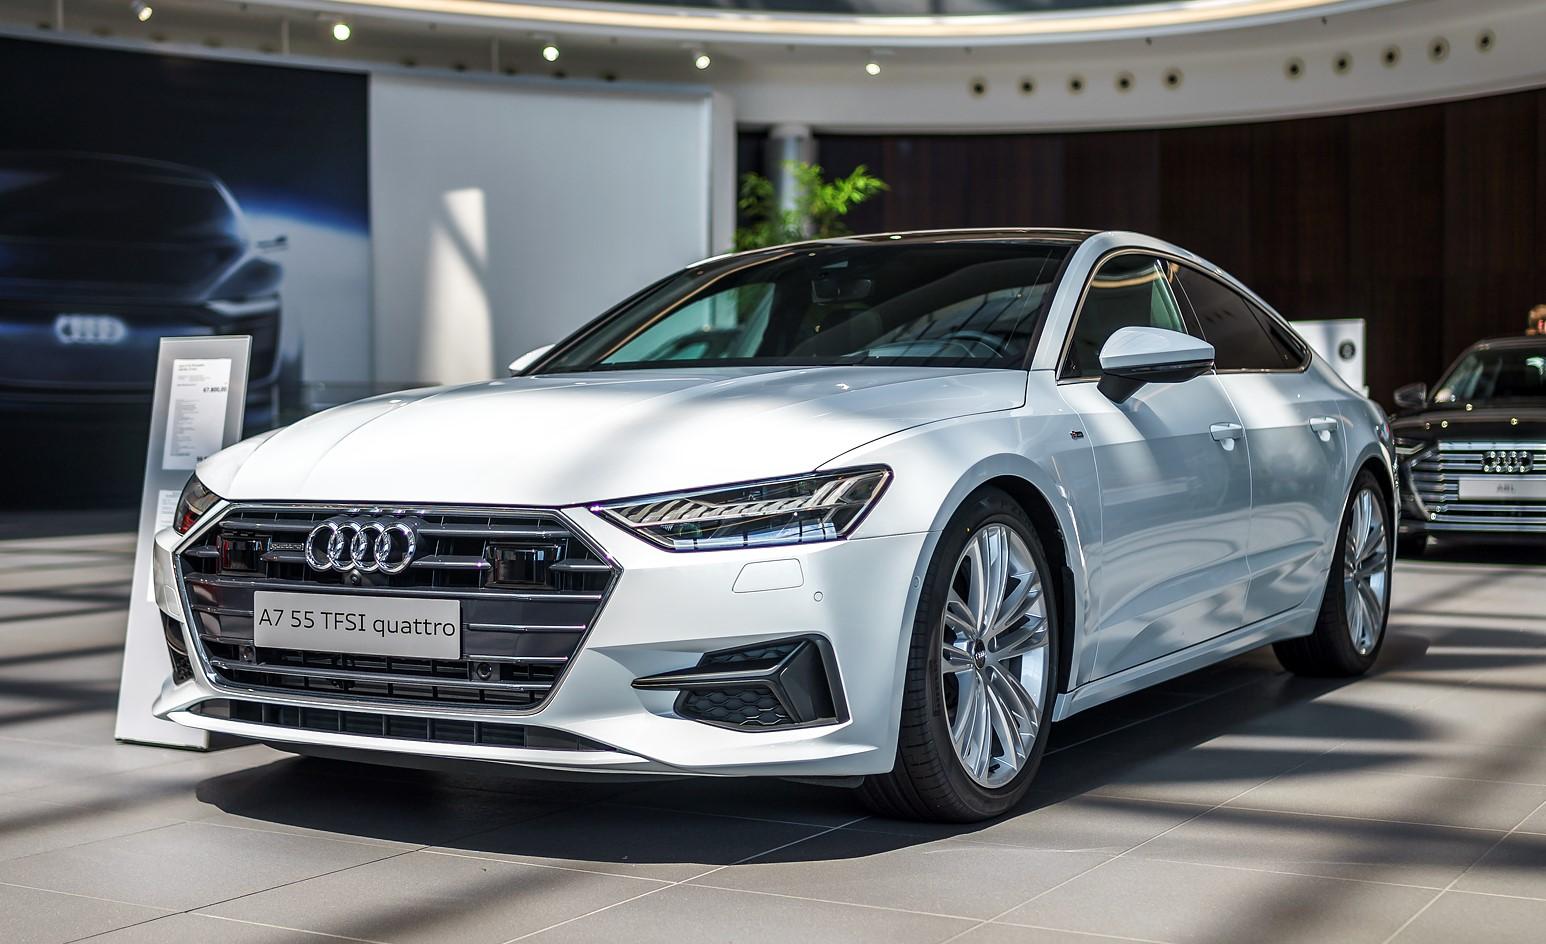 Kelebihan Audi A7 Harga